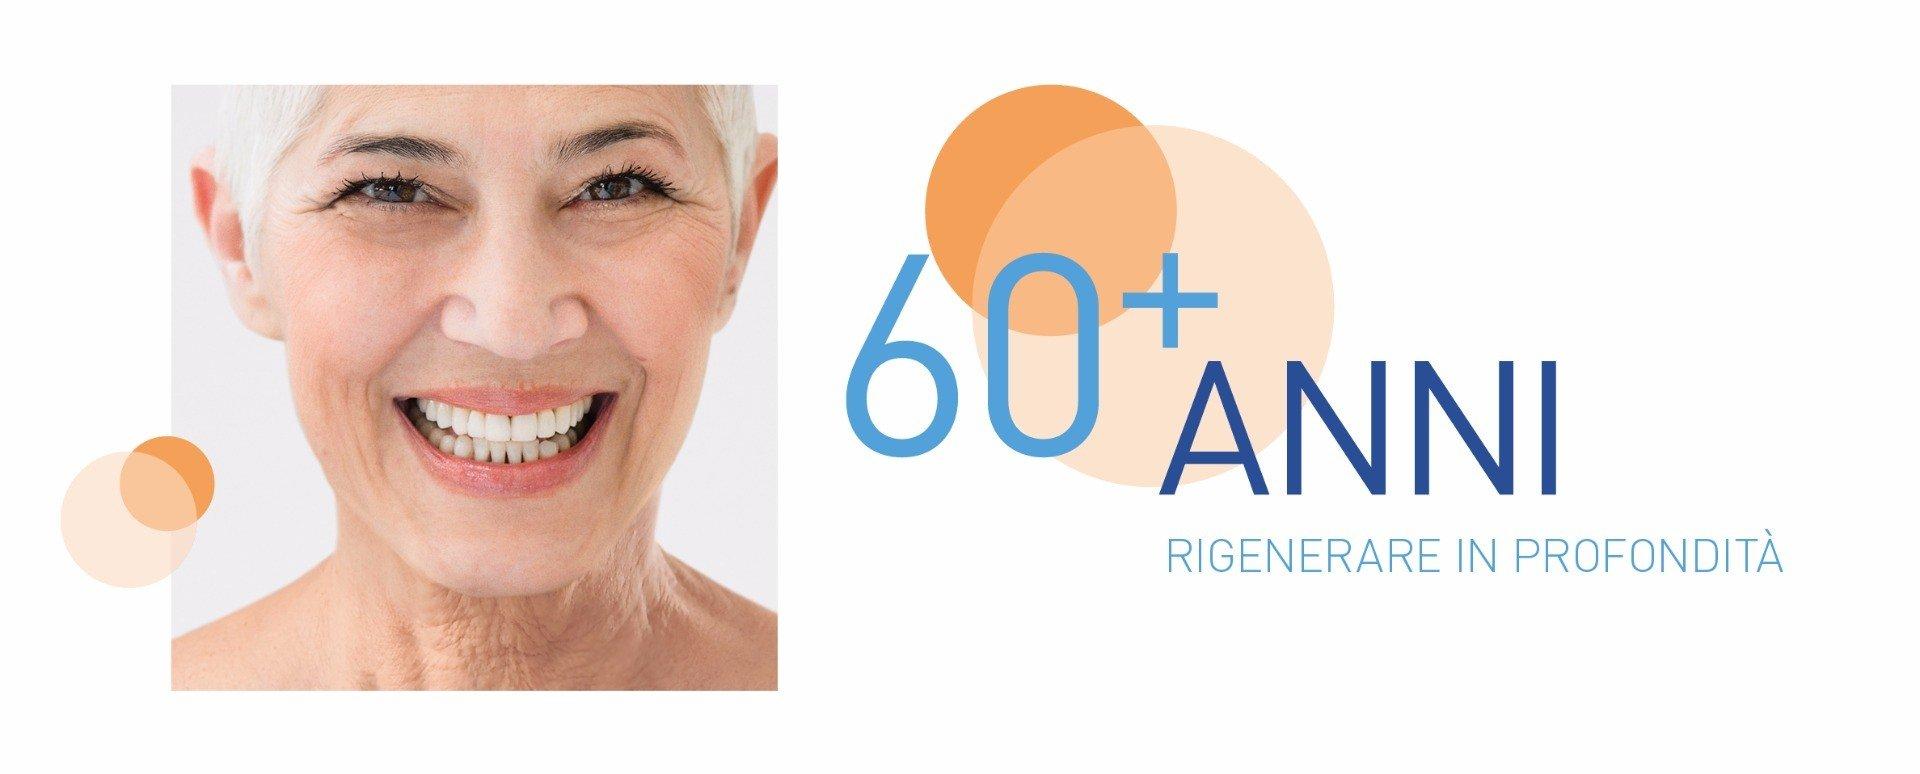 dermo-expert 60 anni